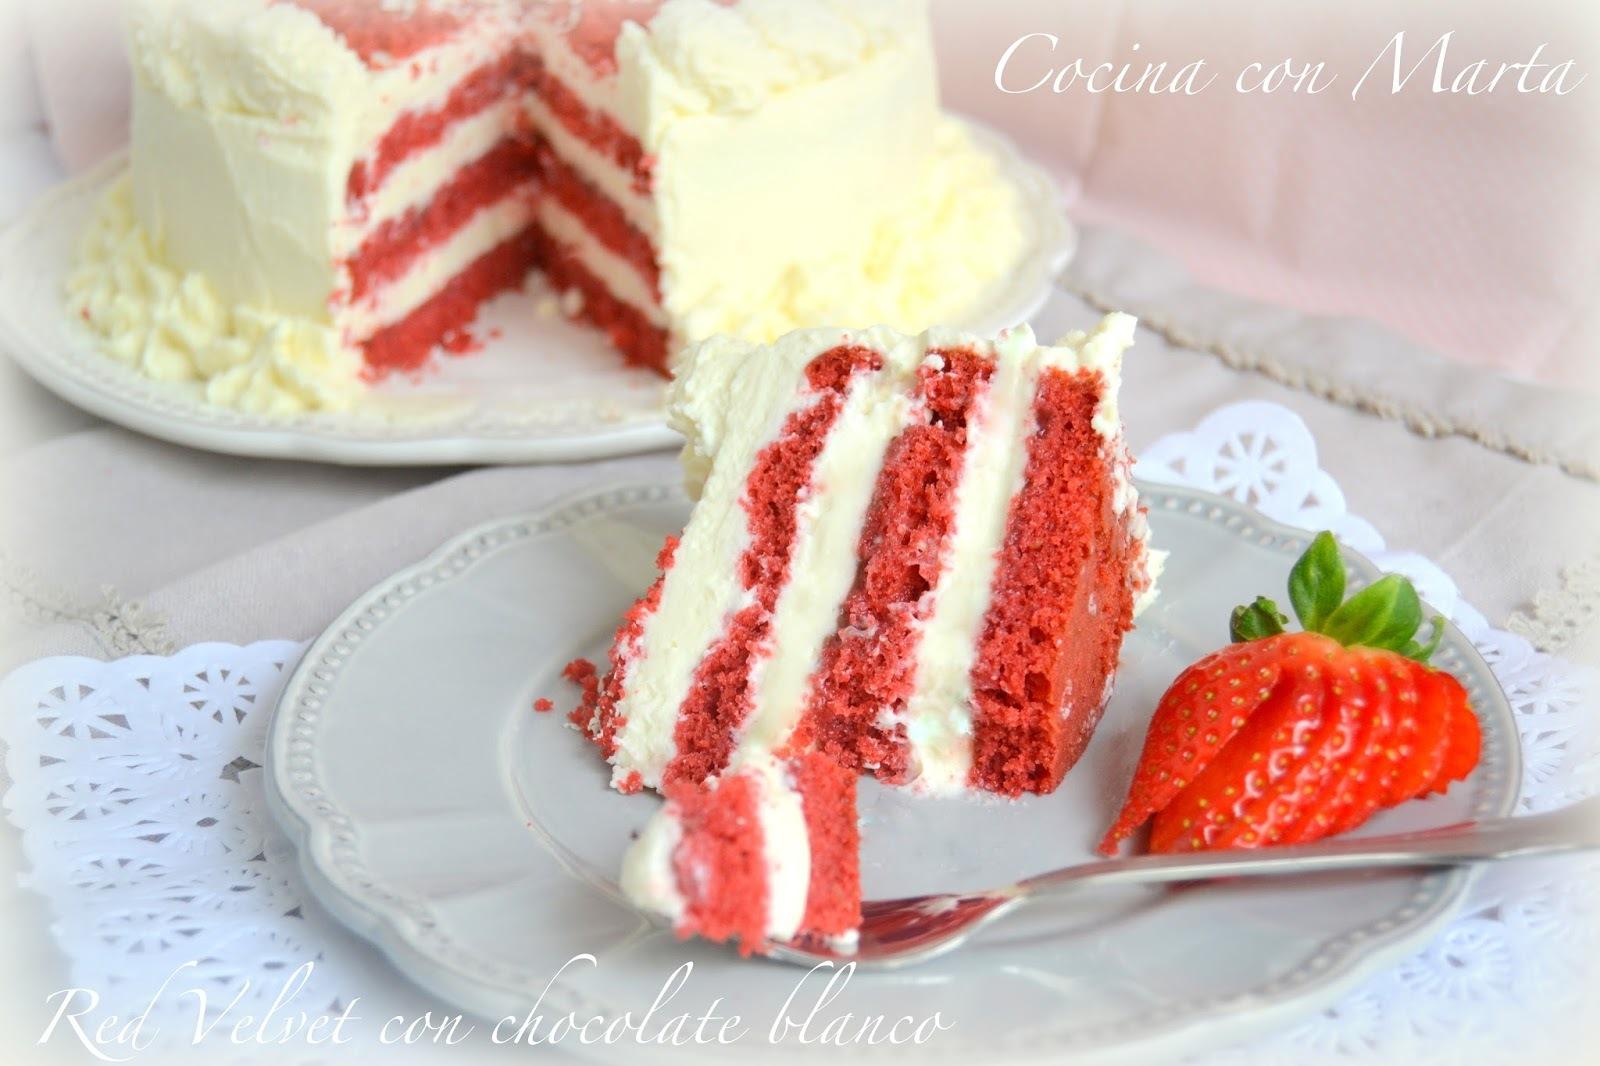 Tarta Red Velvet con Chocolate blanco. ¡Feliz San Valentín!